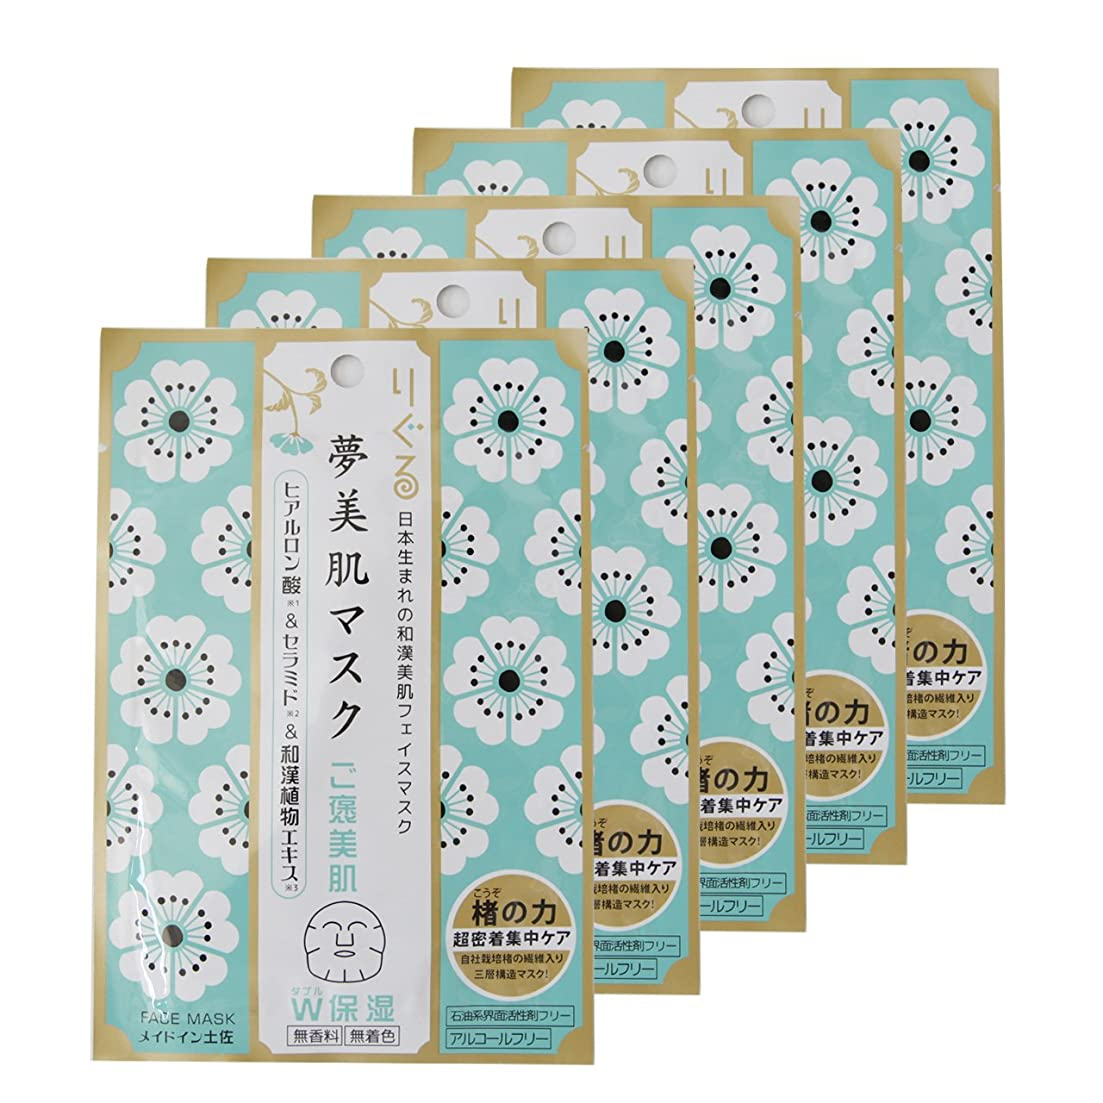 主人改善するかび臭いりぐる 日本生まれの和漢美肌フェイスマスク 夢美肌マスク きらり肌 ご褒美肌 美活肌 (ご褒美肌 5p)